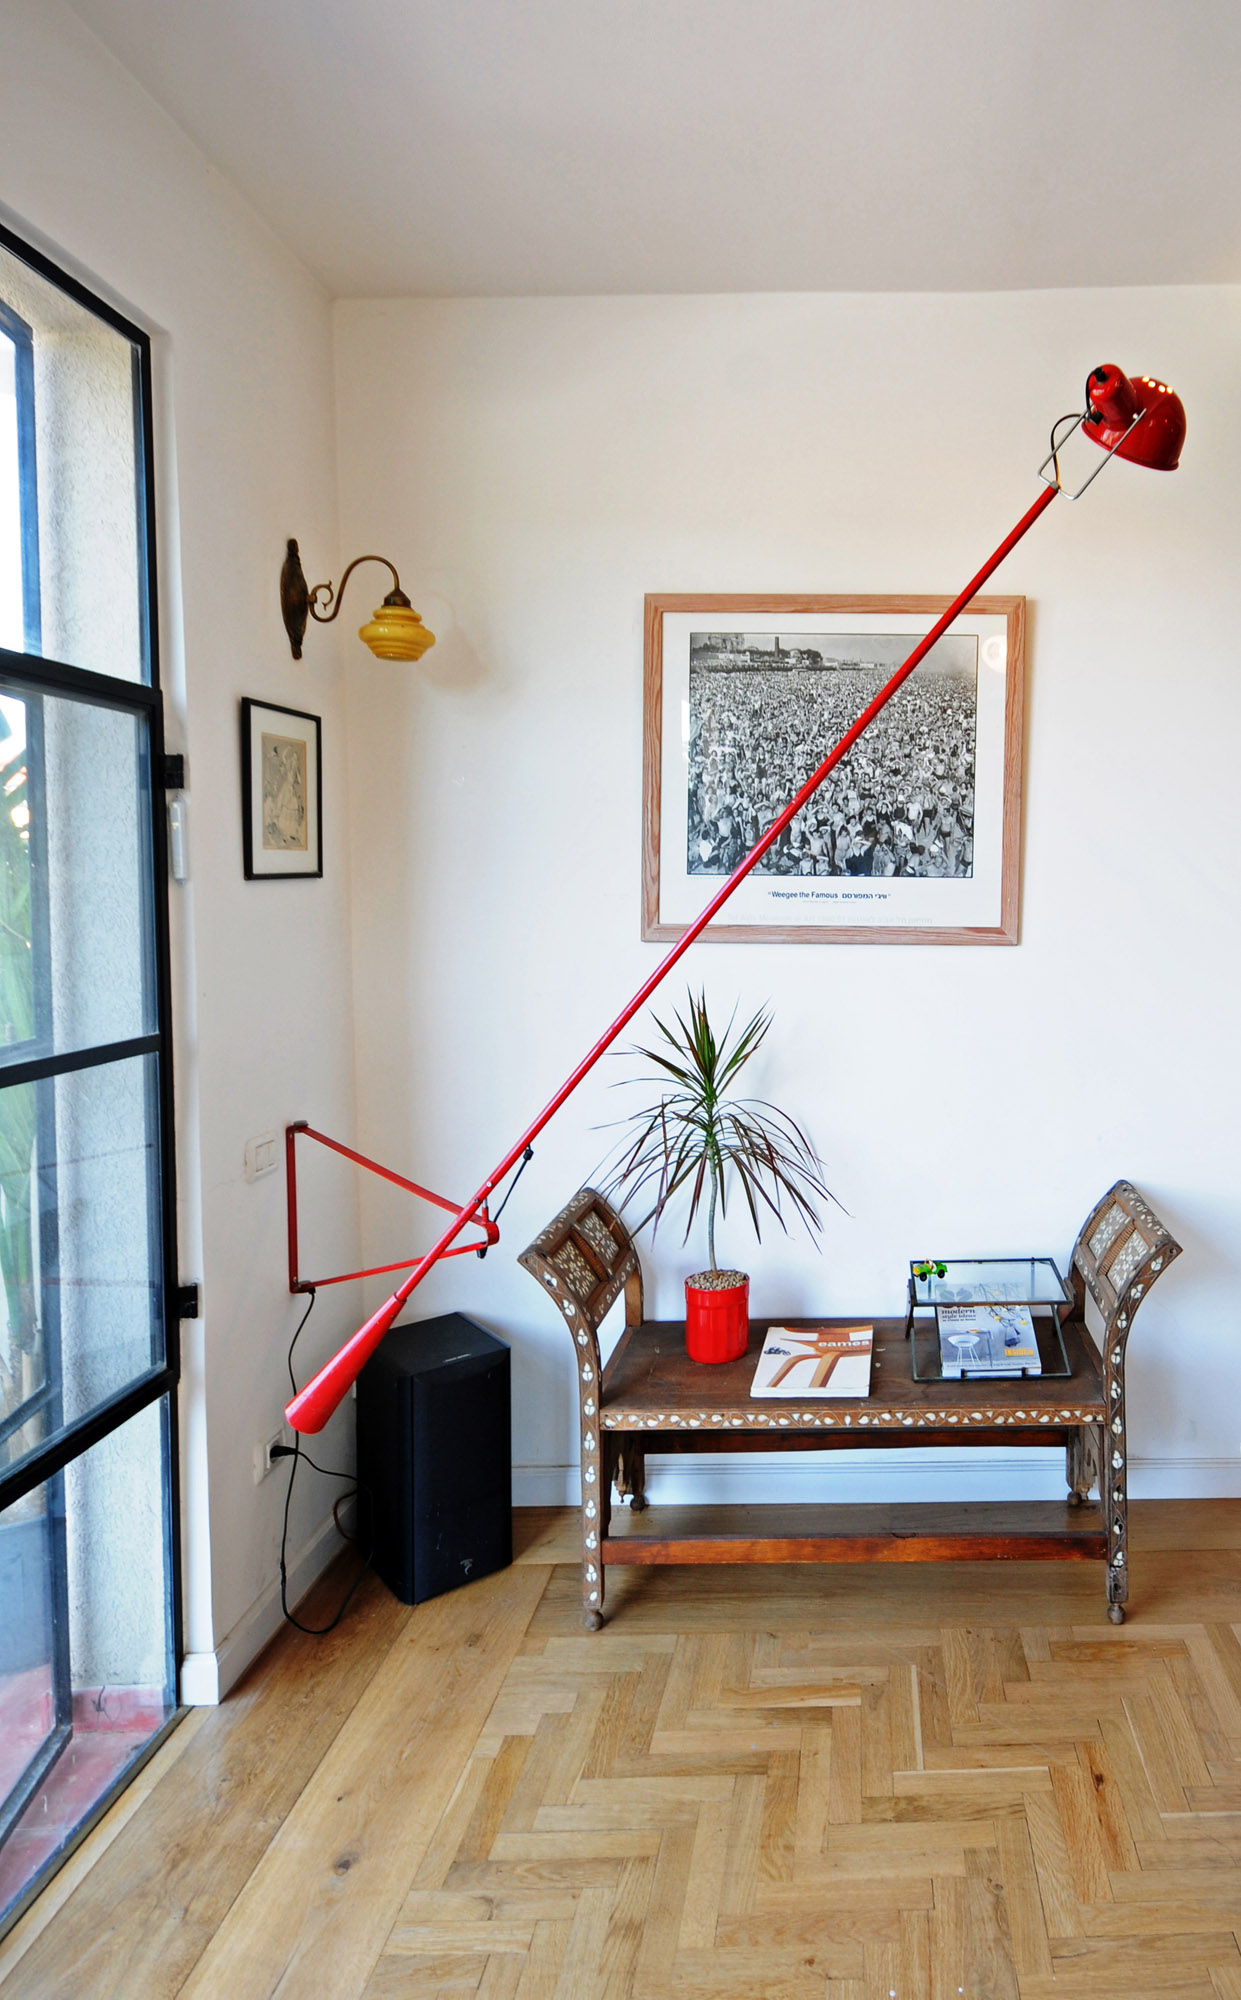 איך משדרגים דירת שיכון בשכונת צהלון ביפו? לחצו לכתבה (צילום: נעמה כנפו)